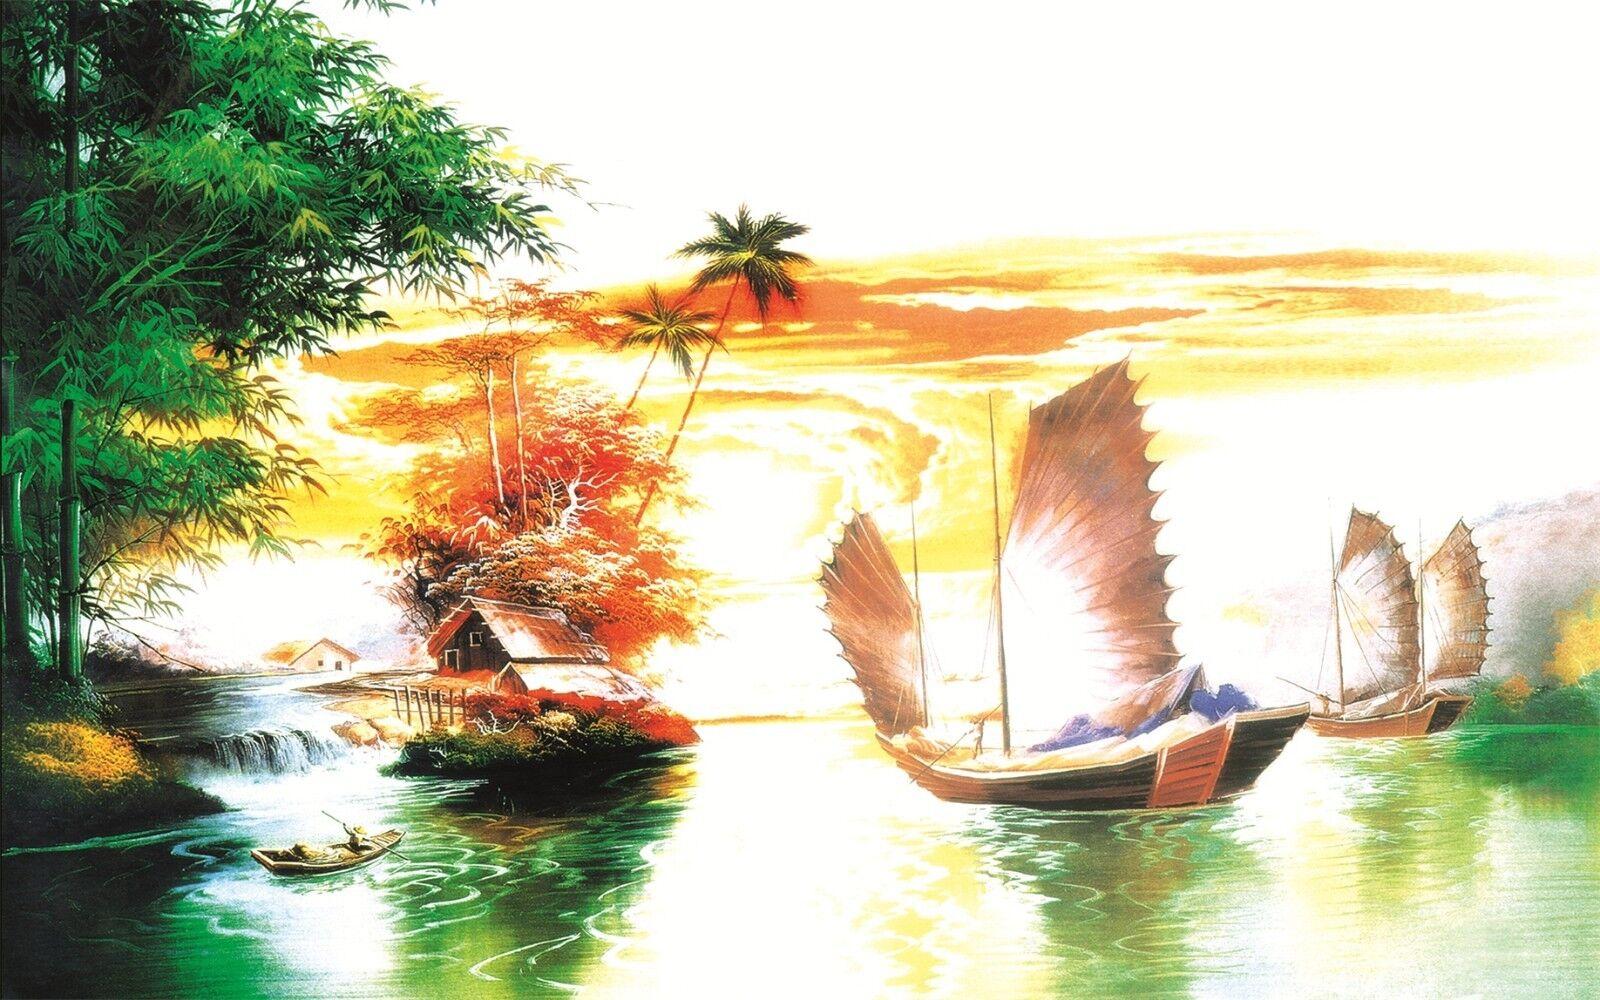 3D Ozean Ozean Ozean Segeln Dämmerung 8833 Tapete Wandgemälde Tapeten Bild Familie DE Jenny   Exquisite Verarbeitung    Um Zuerst Unter ähnlichen Produkten Rang     44fd88